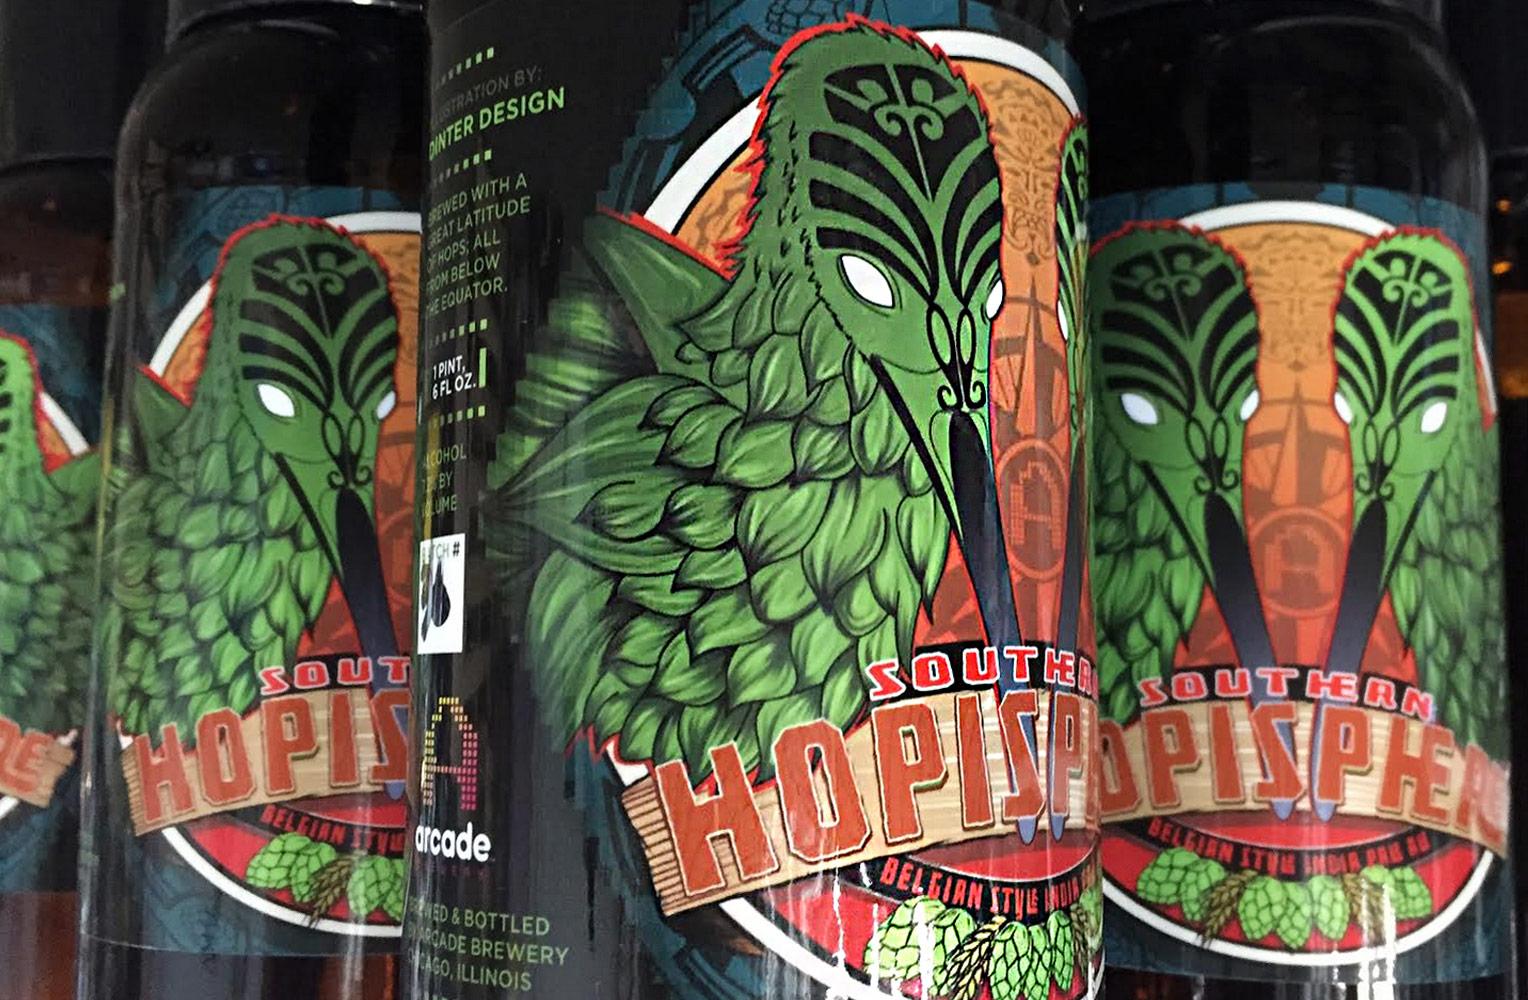 Beer & Branding: Arcade Brewery